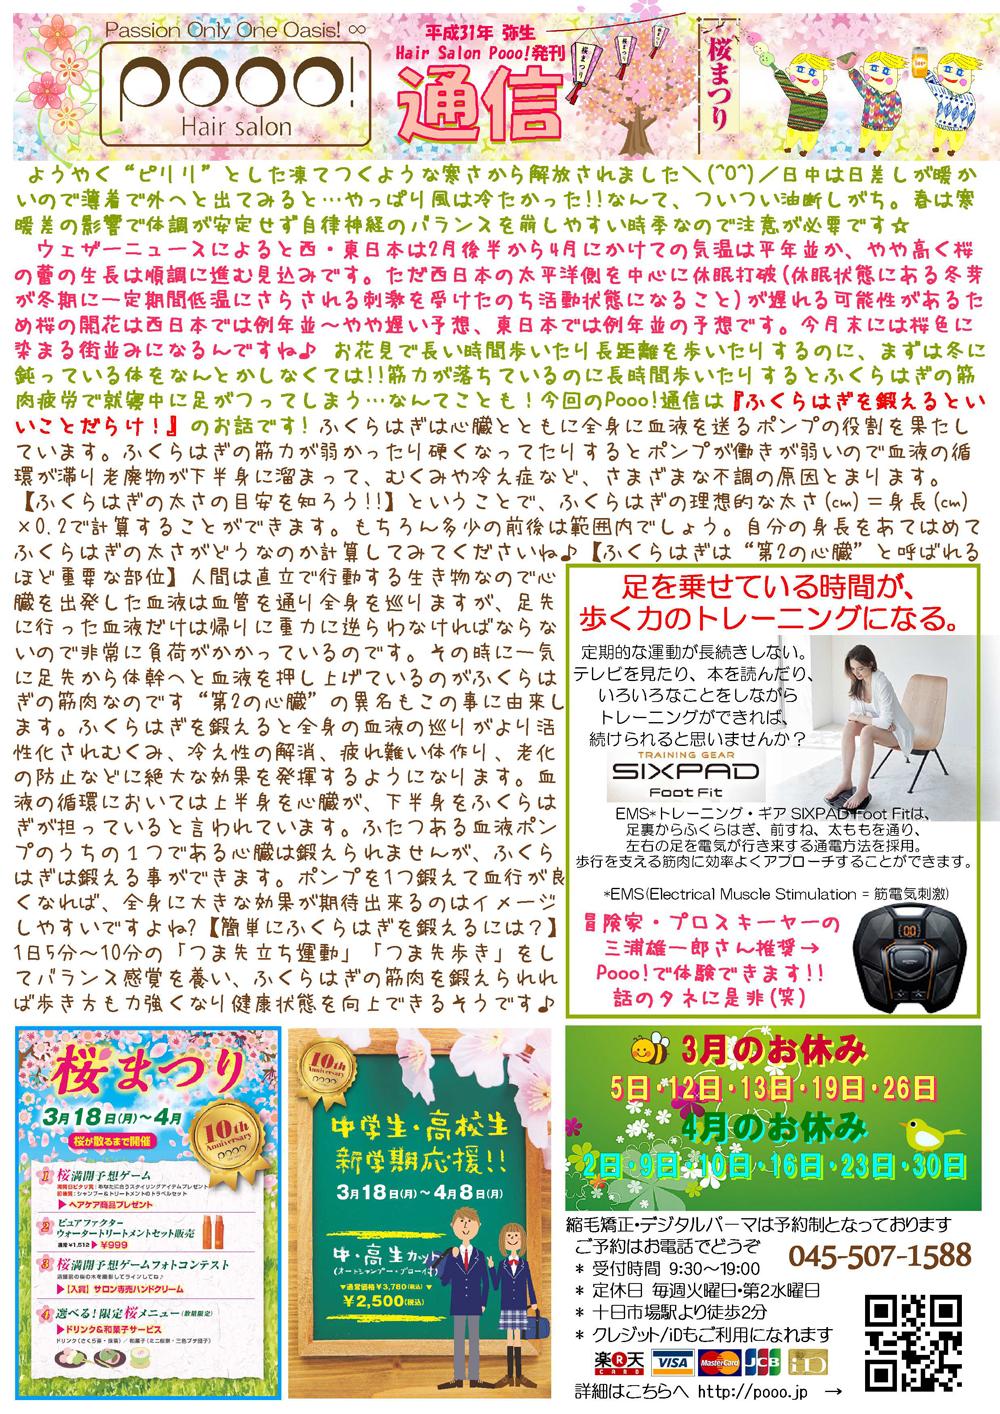 https://pooo.jp/wp-content/uploads/2019/04/Pooonews19-03.jpg